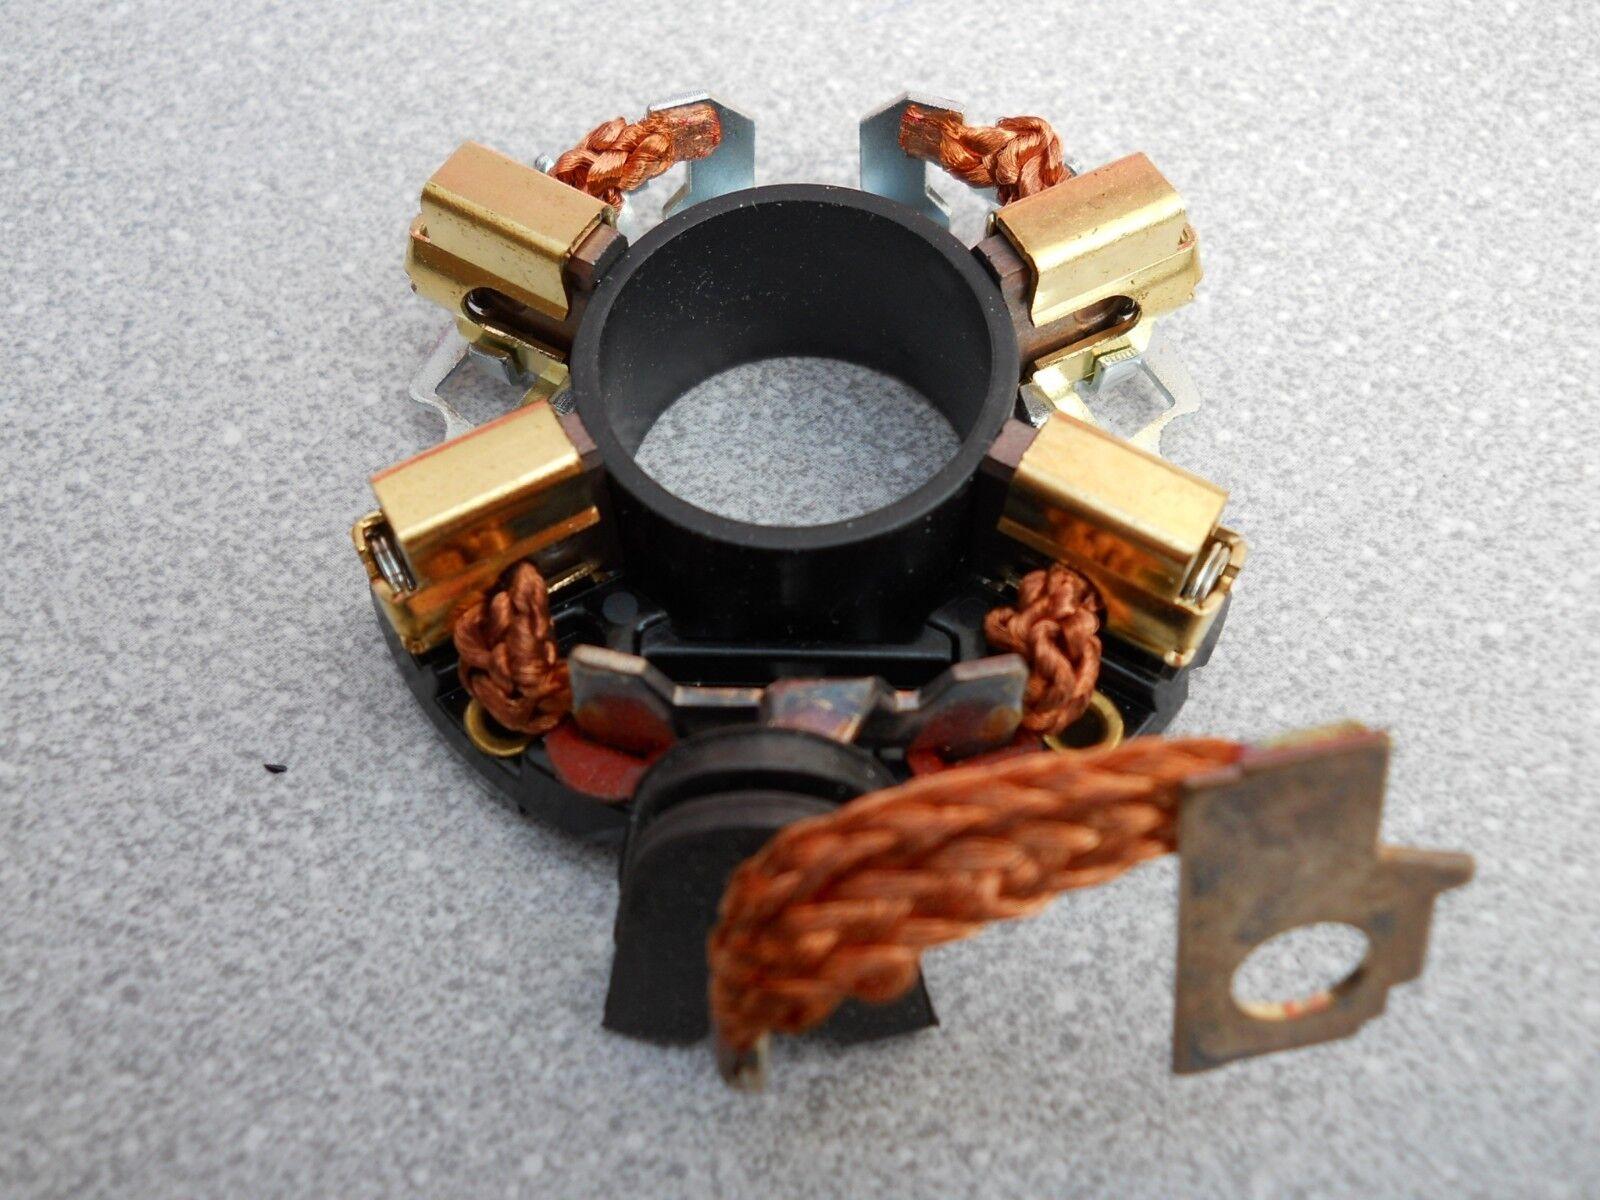 70B121 STARTER MOTOR BRUSH BOX VOLVO 940 C70 S60 S70 S80 V70 2.0 2.3 2.4 2.5 2.8